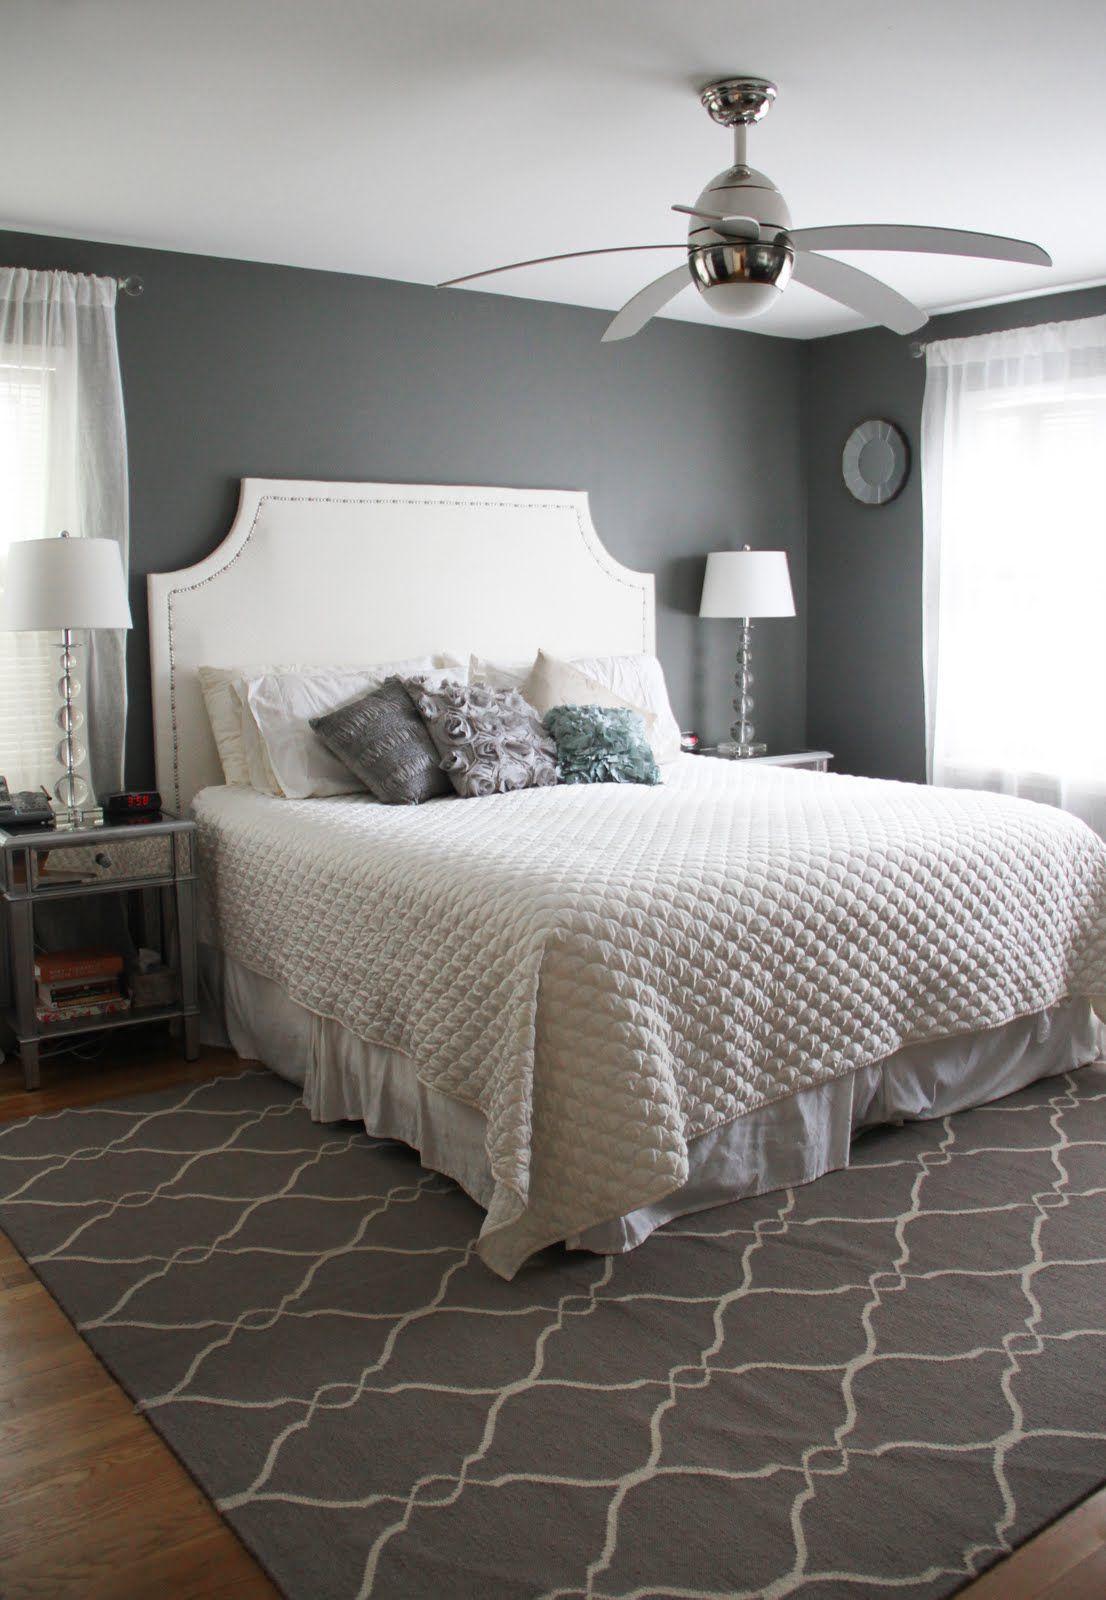 Master bedroom ideas grey  master bedroom colors  New Room Ideas  Pinterest  Master bedroom